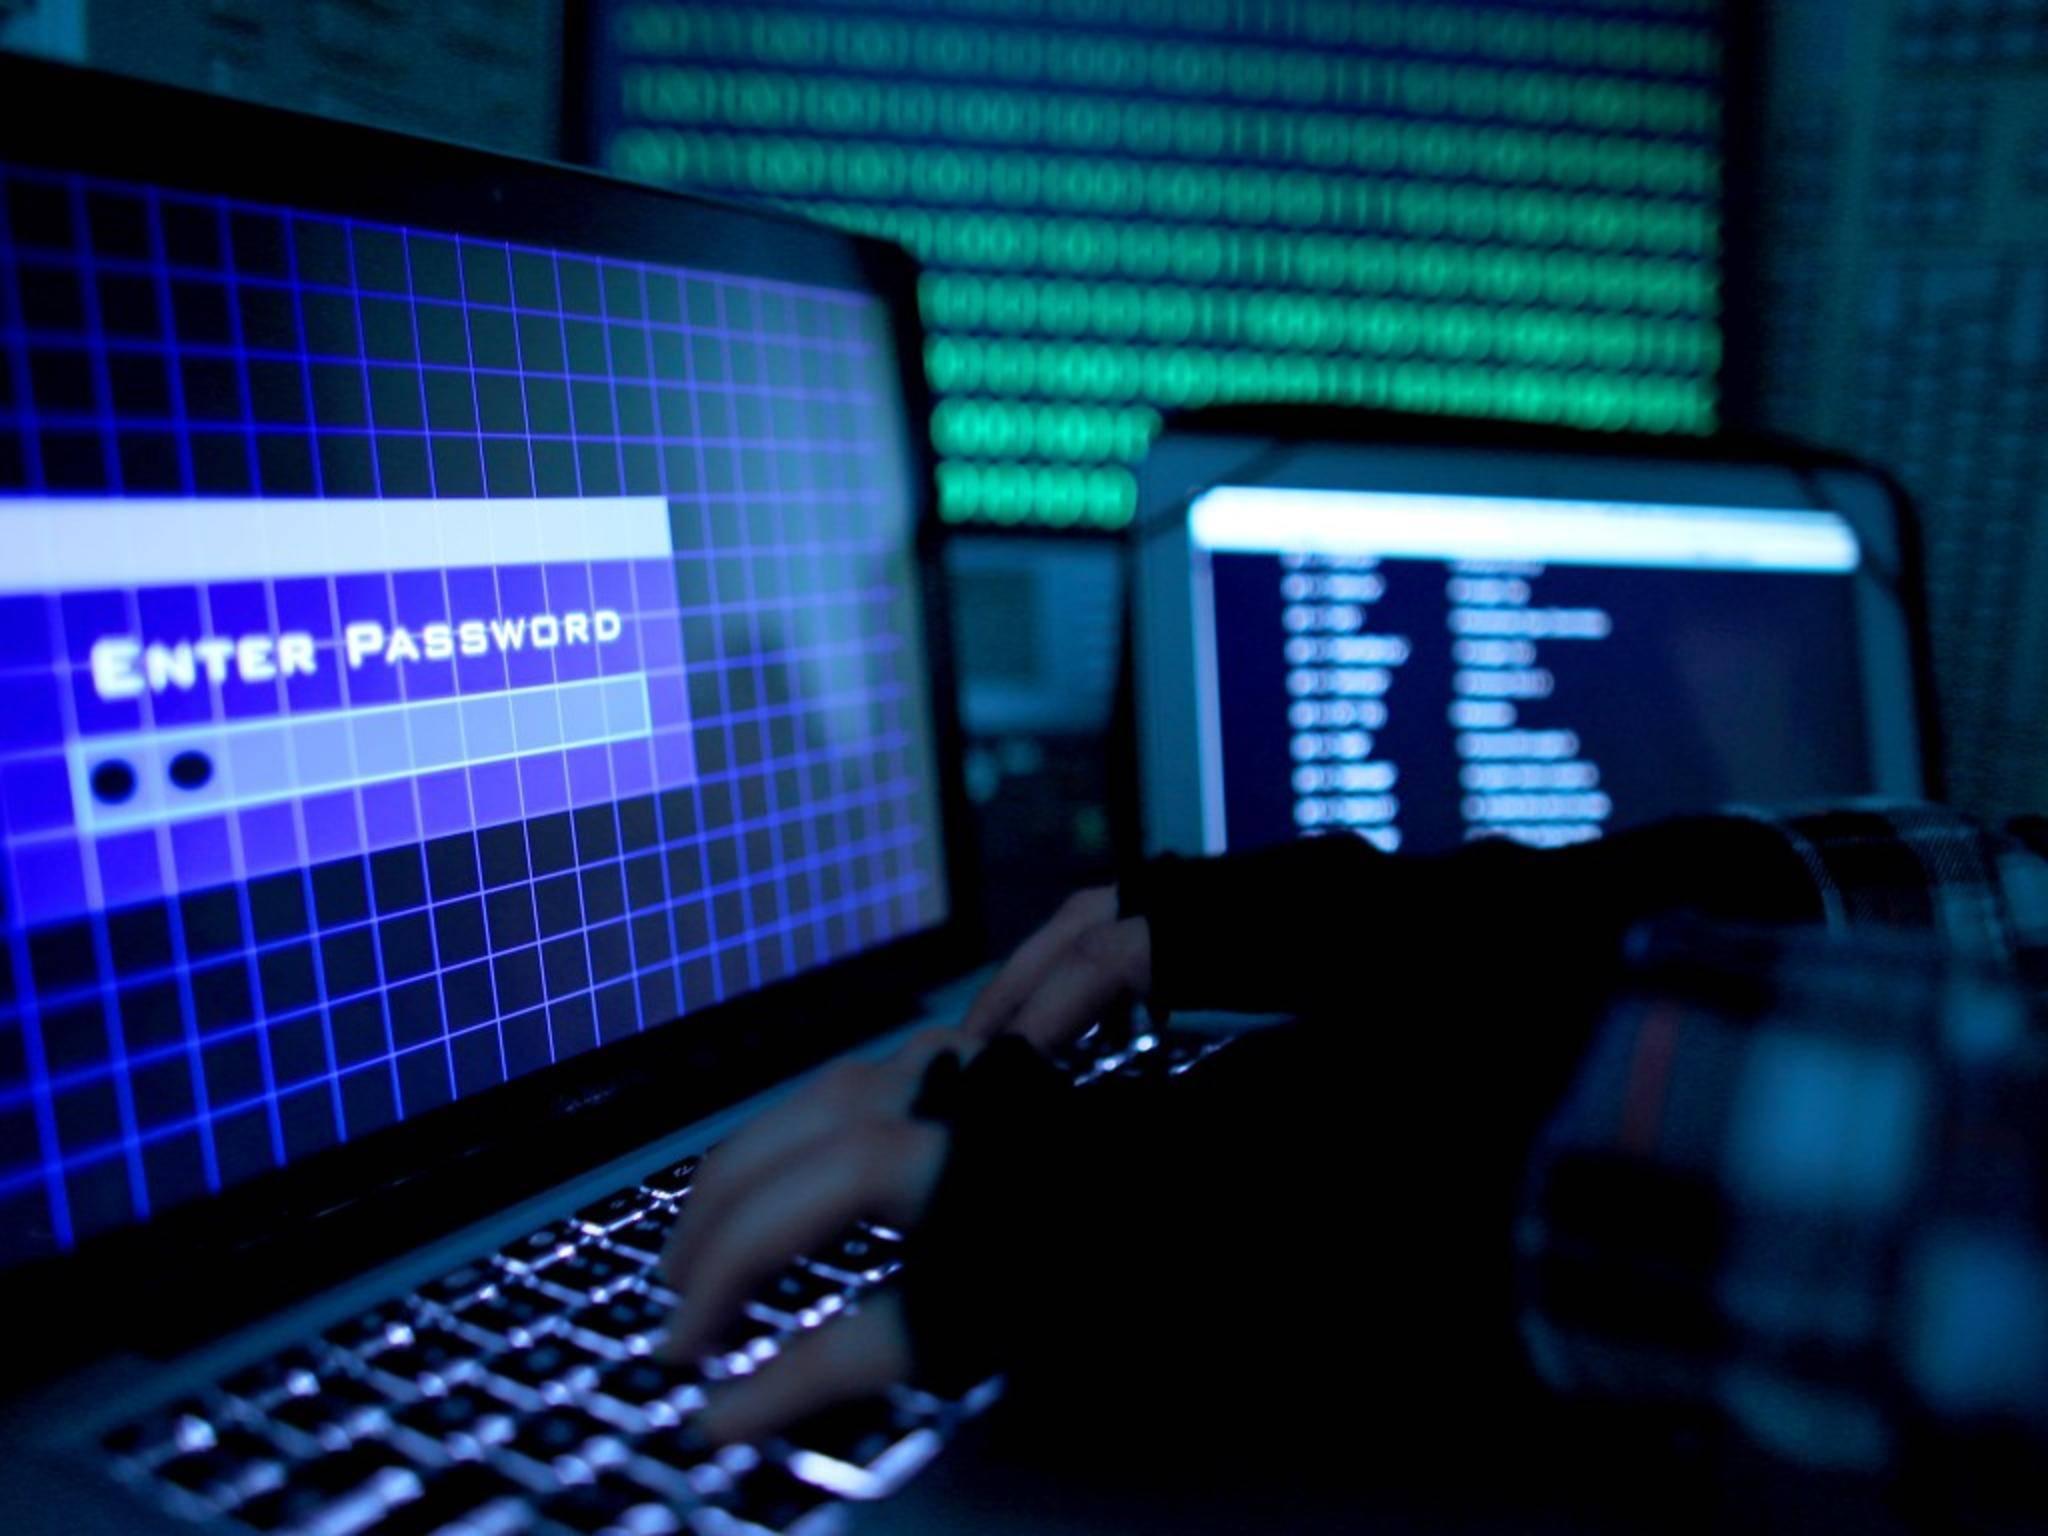 Passwörter, die sich im Wörterbuch finden lassen, sind vor Hackerangriffen nicht sicher.